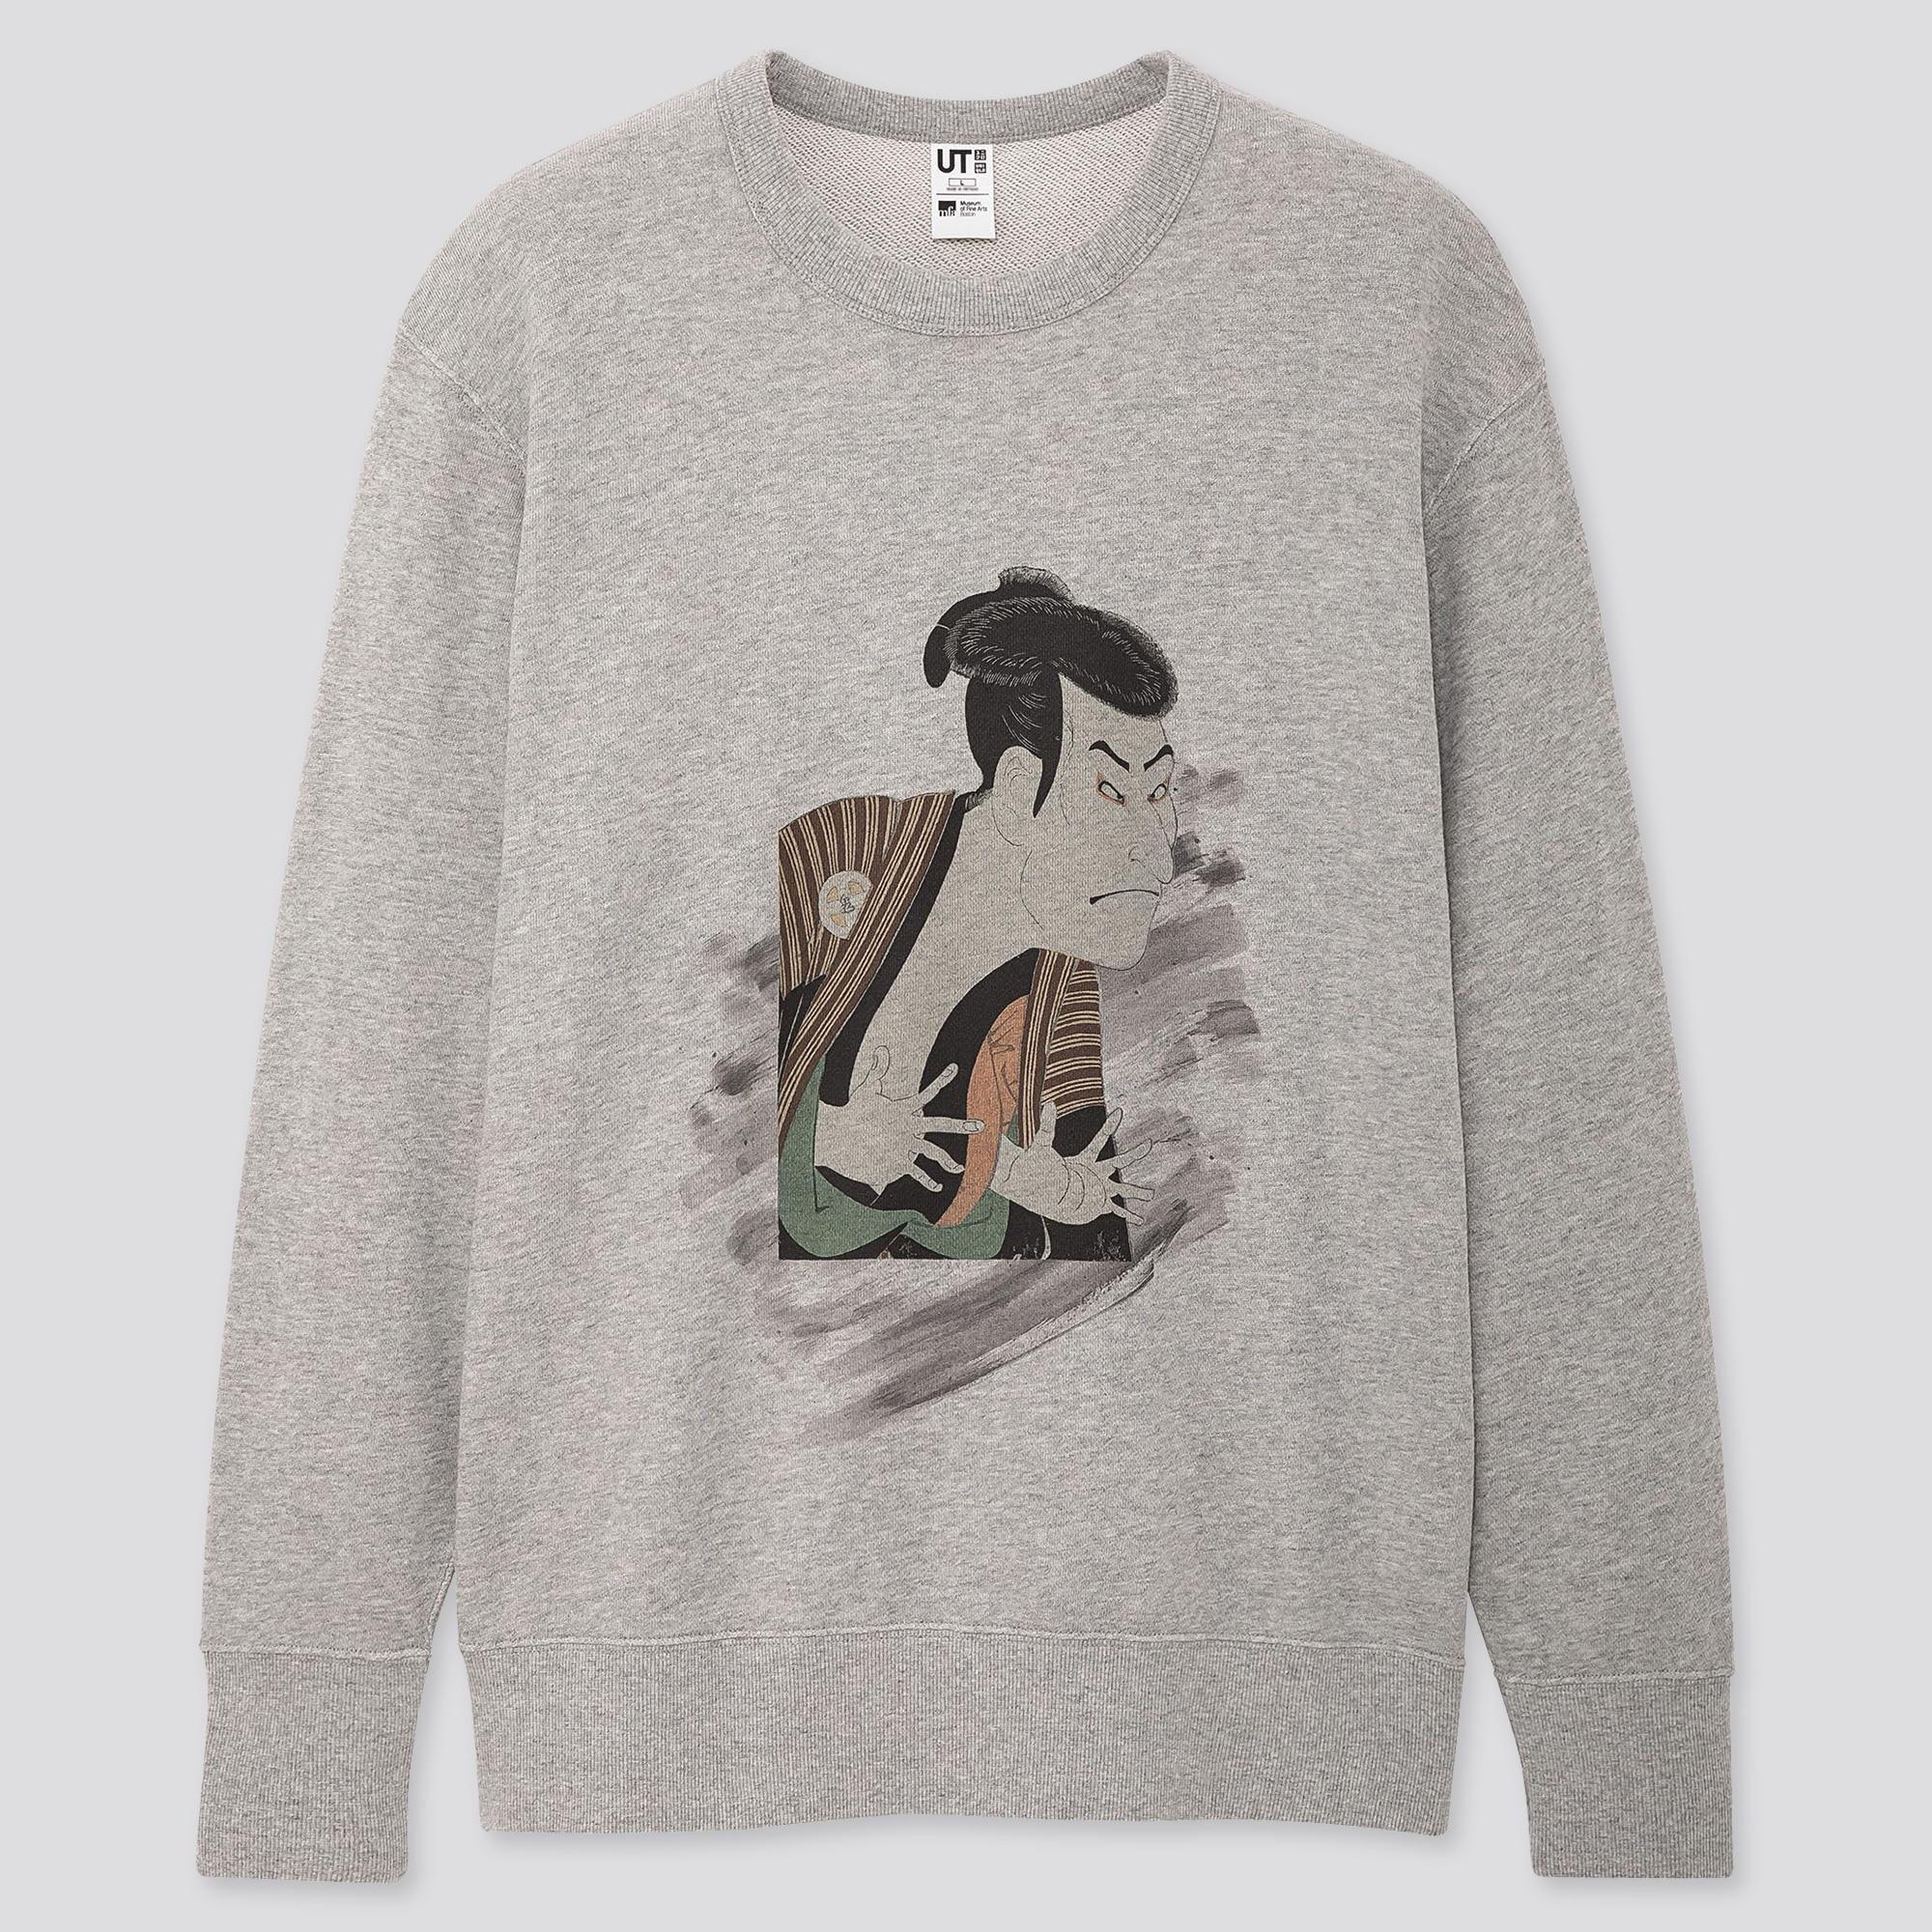 Men Edo Ukiyo-e UT Graphic Sweatshirt